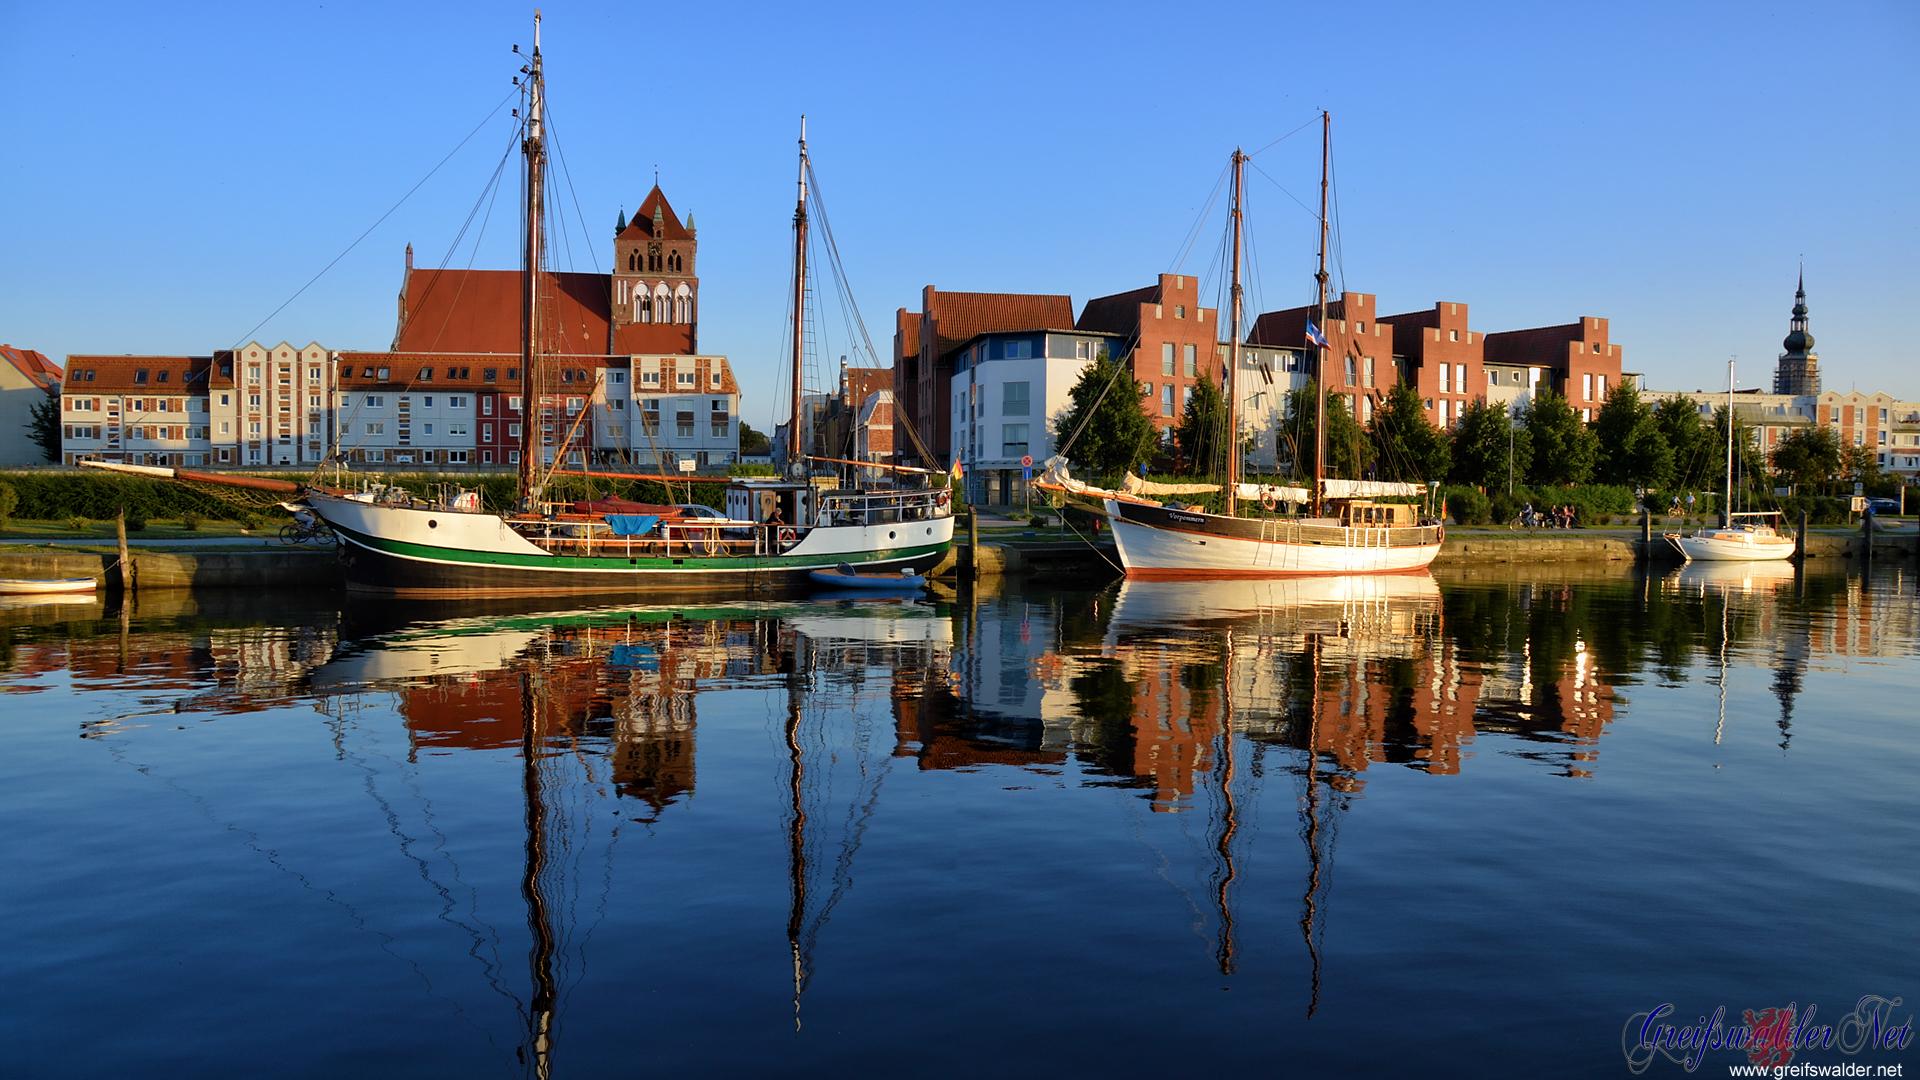 Sommerabend am Museumshafen in Greifswald